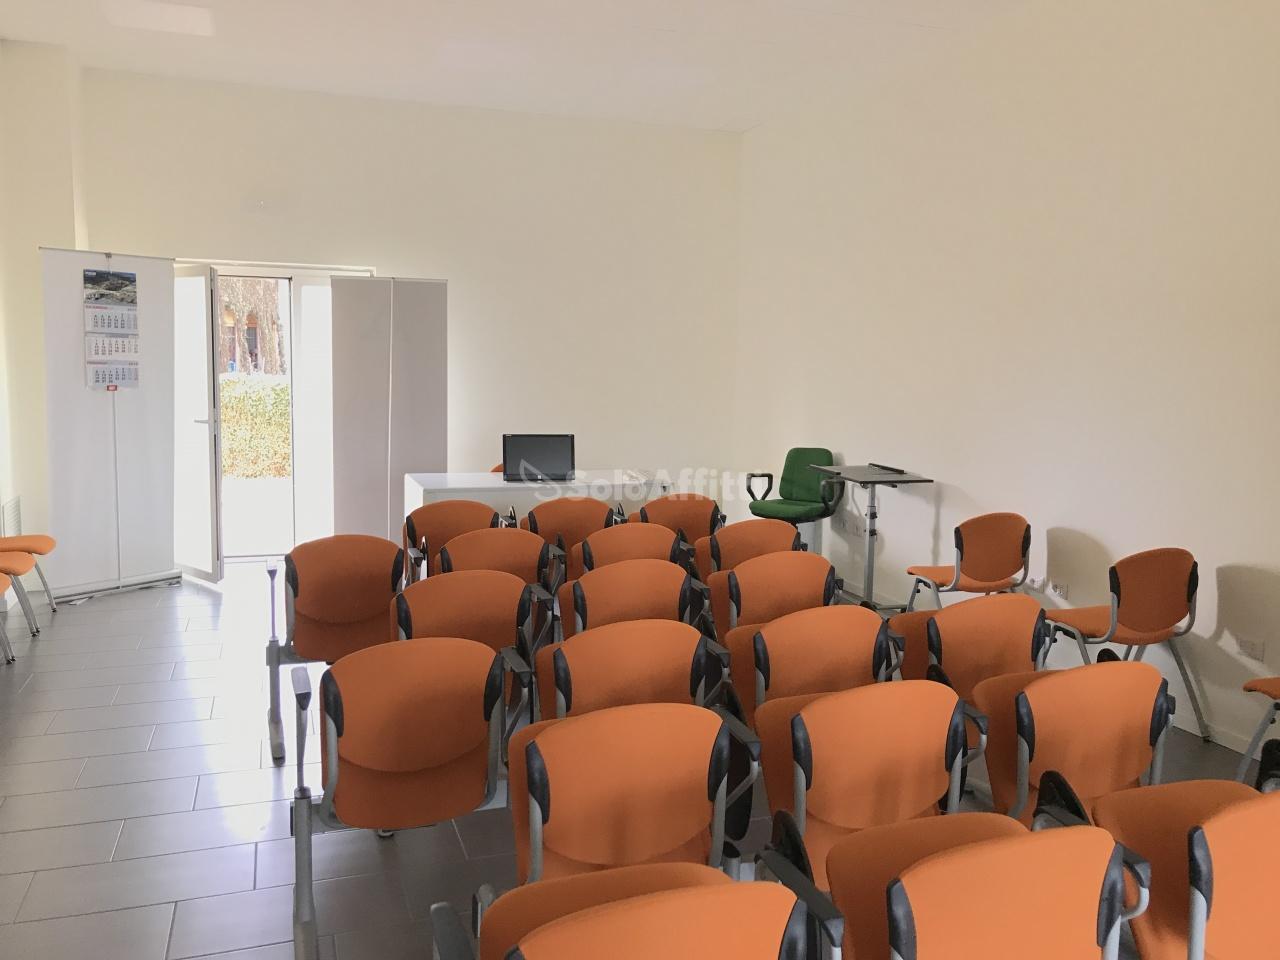 Ufficio - 4 locali a Autostrada, Faenza Rif. 10530609